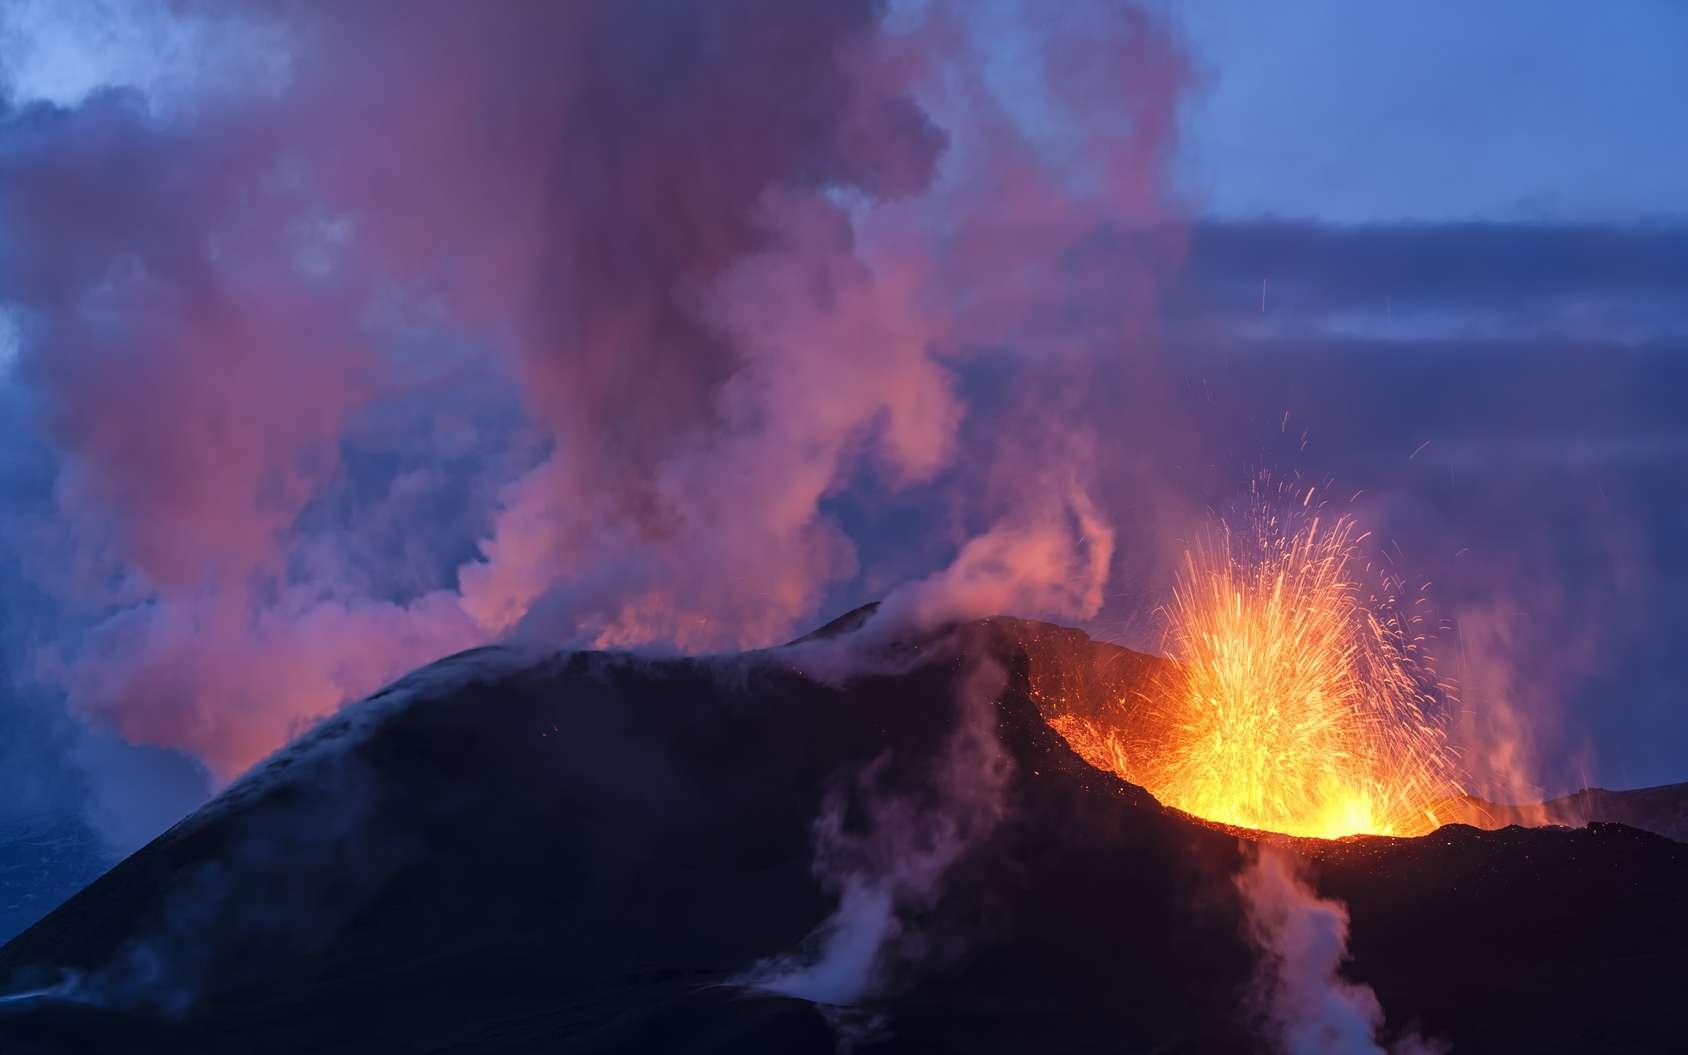 Volcan en éruption. © Romolo Tavani, fotolia